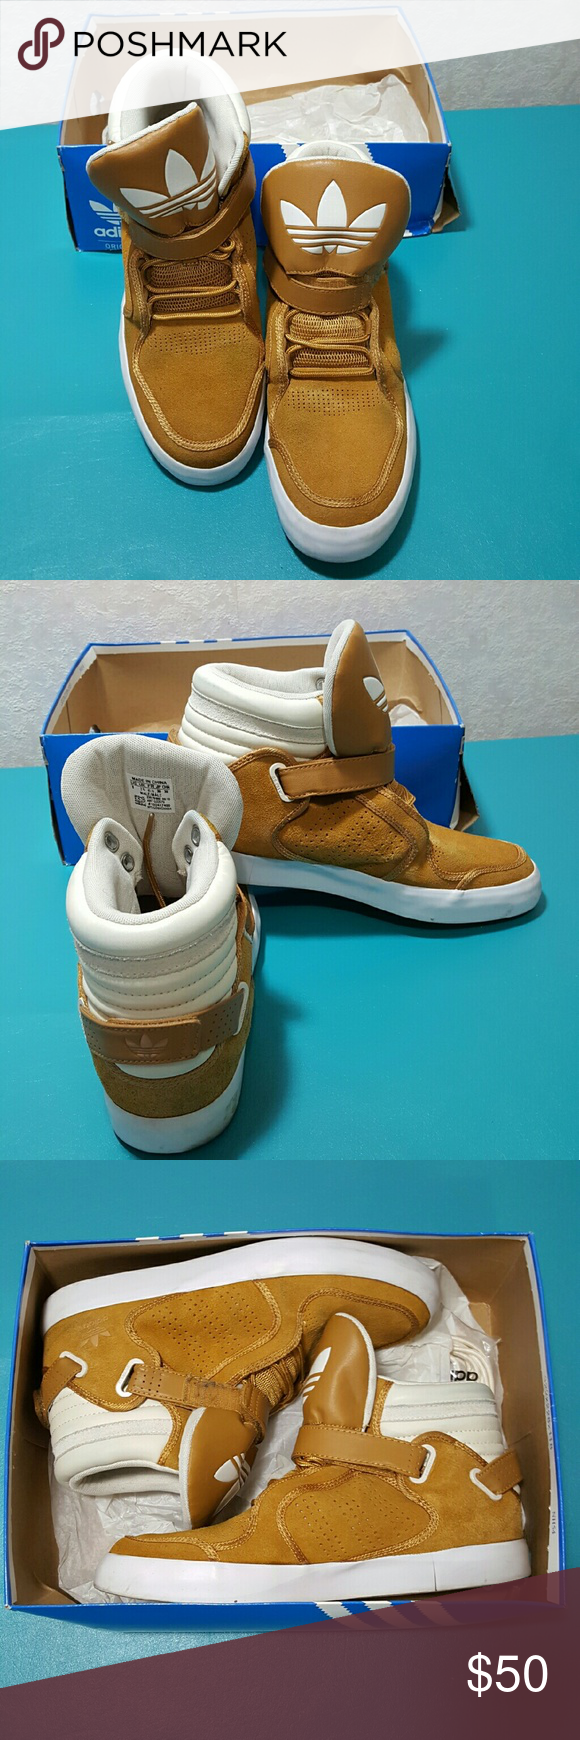 ¡Adidas hacer oferta!¡!!¡!!Tan y blanco Suede High Top Adidas adidas